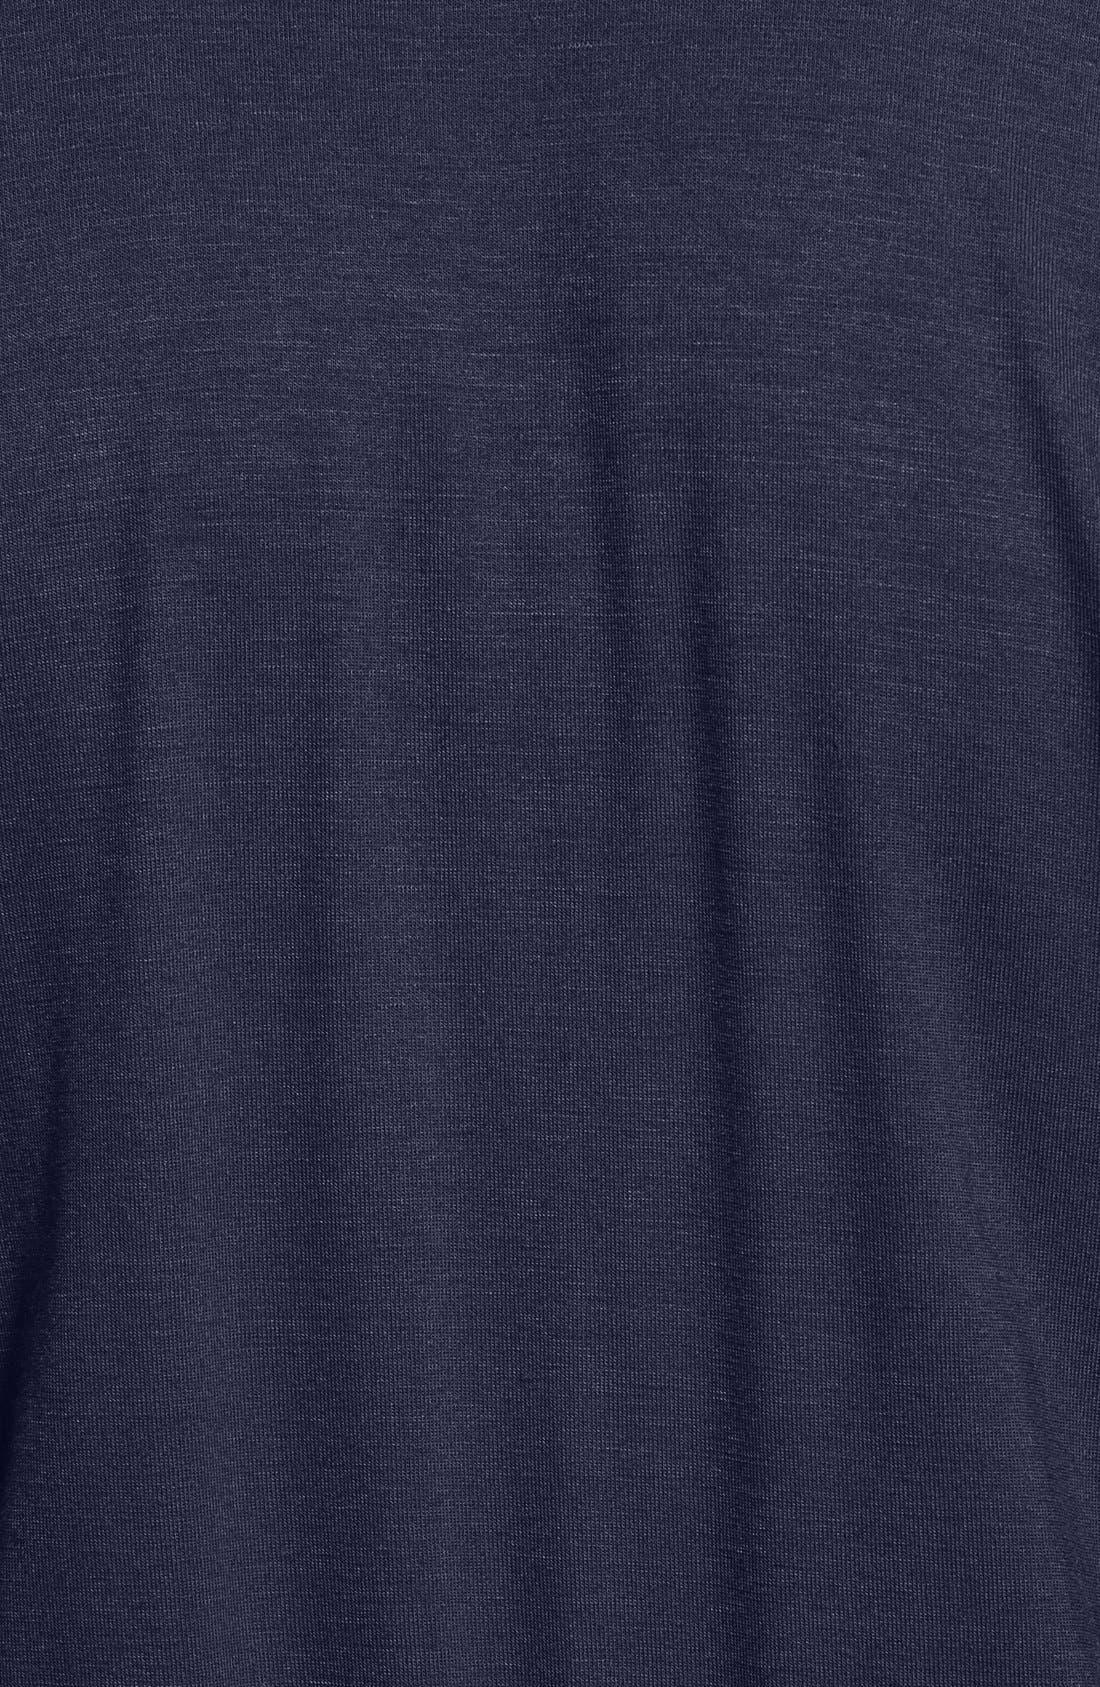 Short Sleeve Wrap Top Jumpsuit,                             Alternate thumbnail 35, color,